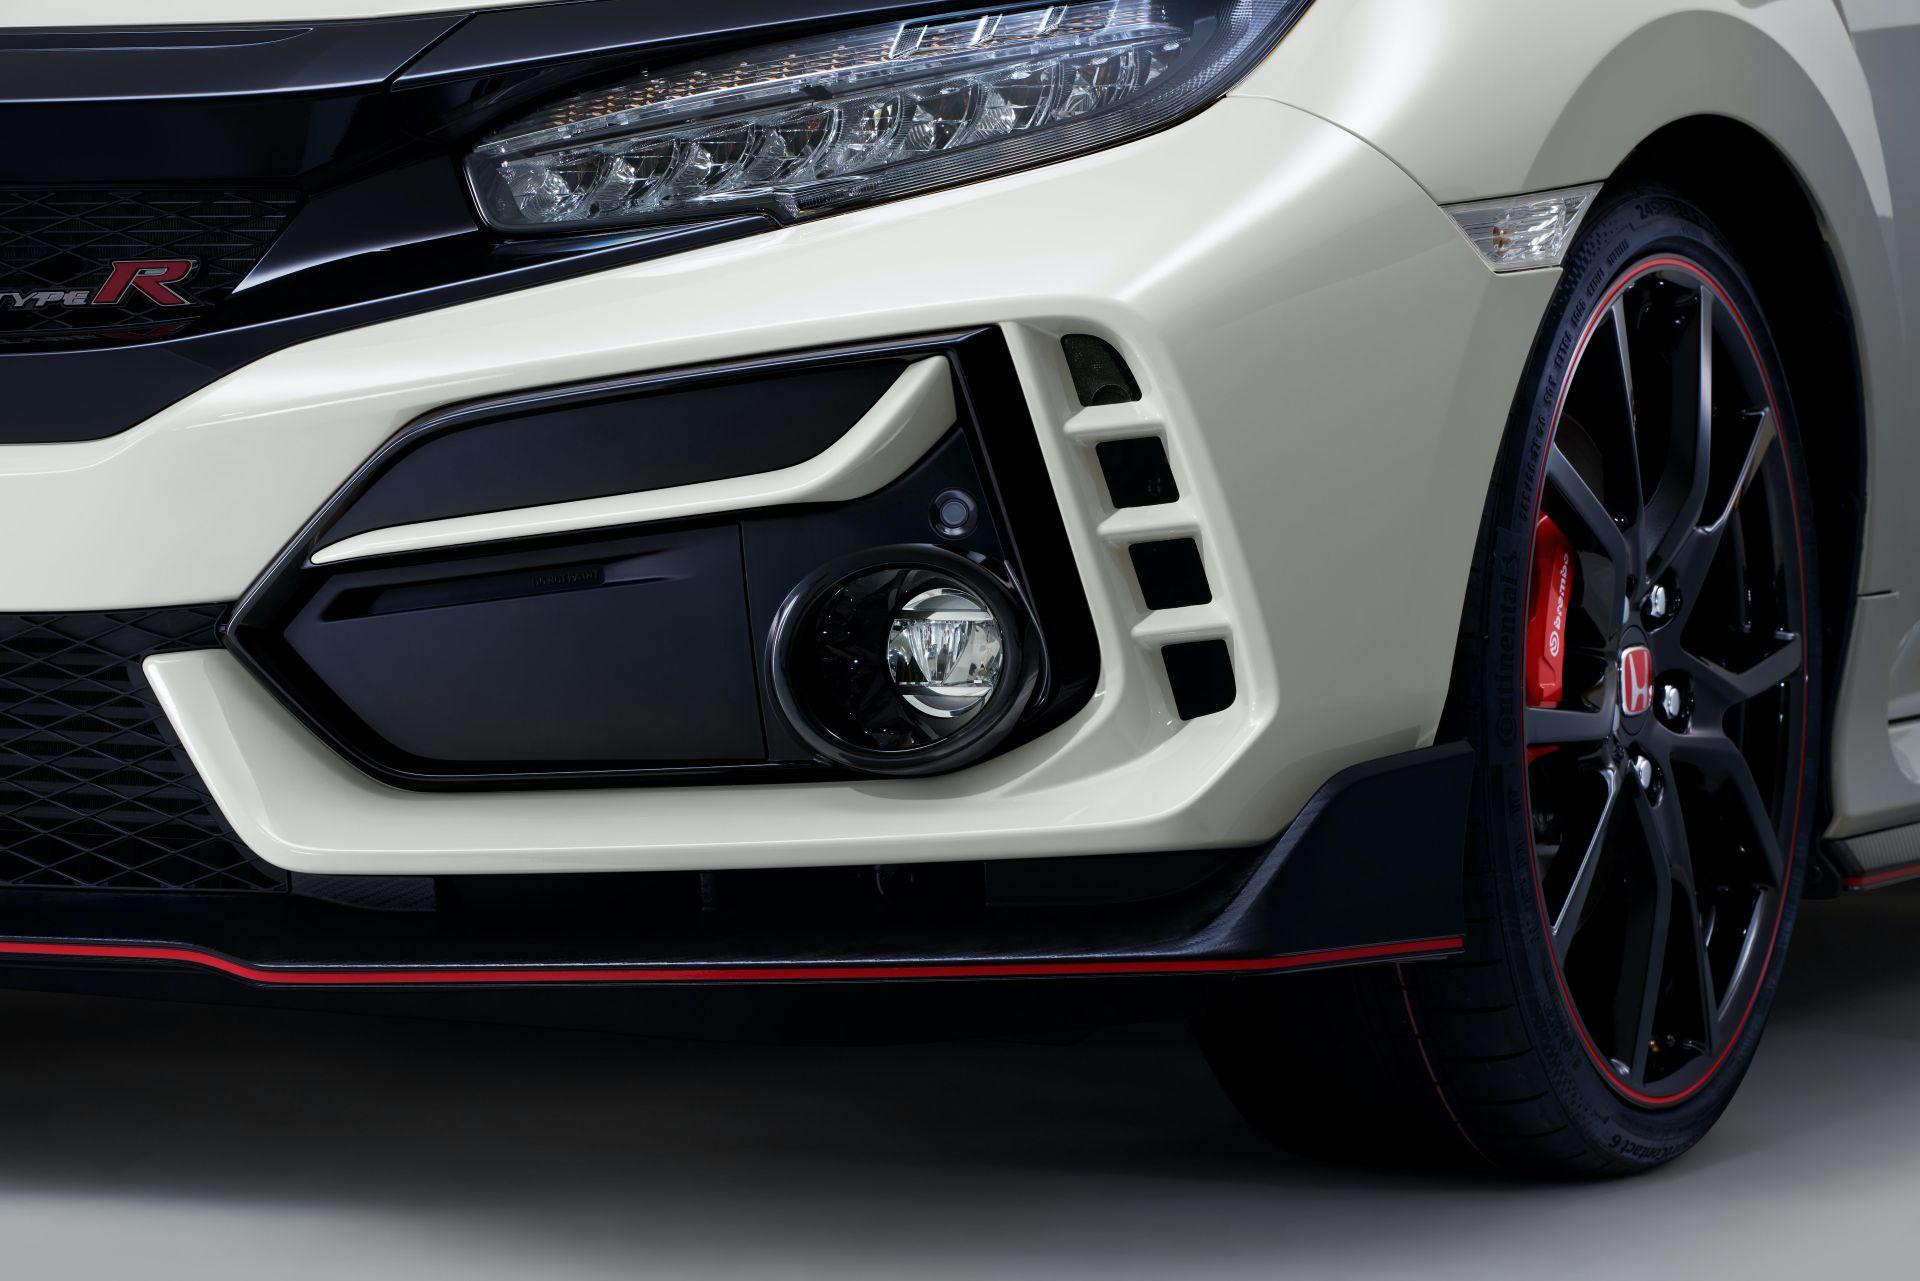 2021_Honda_Civic_Type_R_Modulo_0020